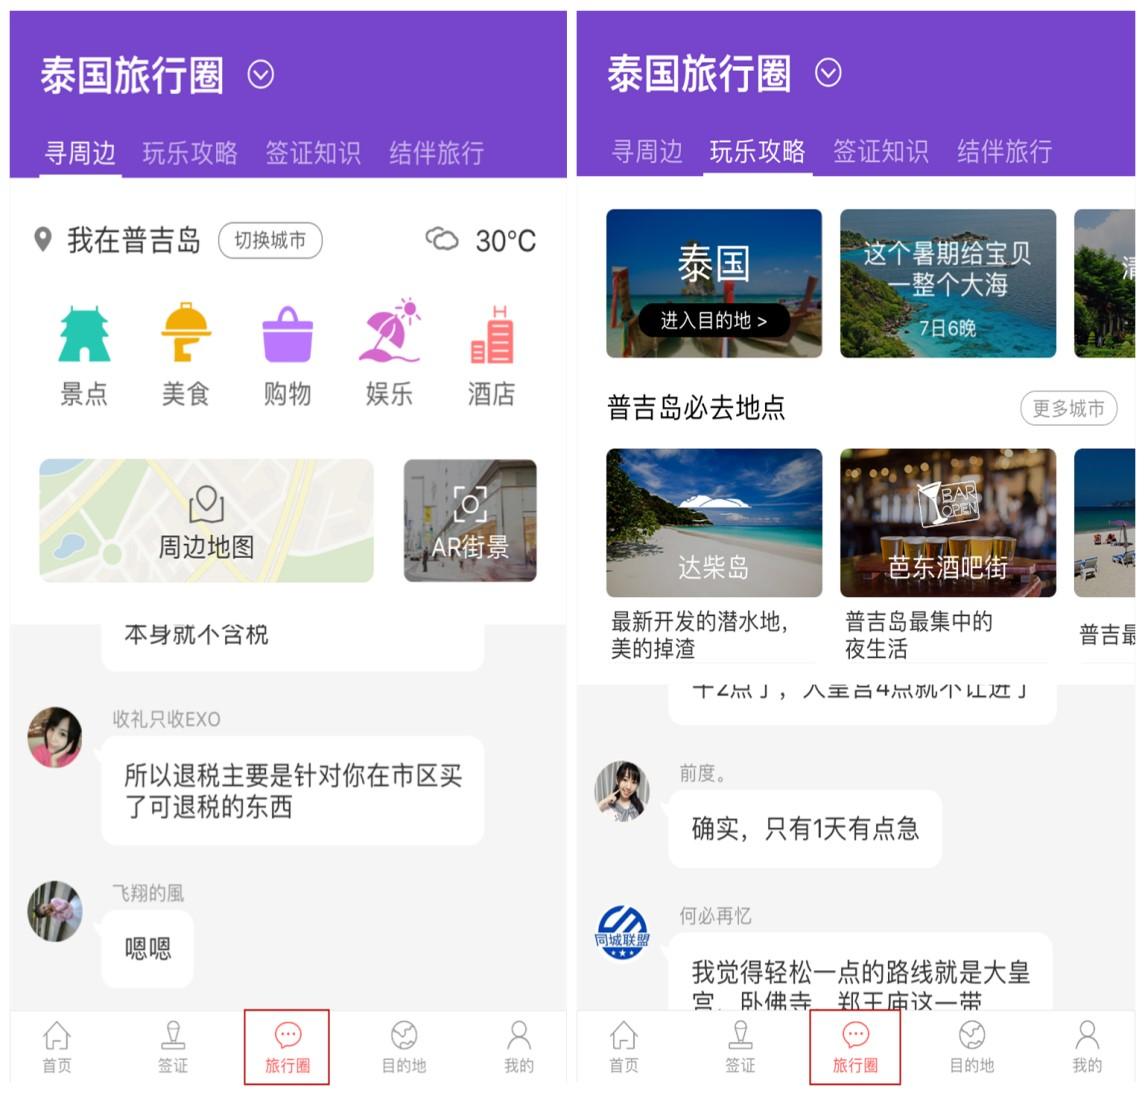 """百程:推出""""旅行圈""""  为游客提供出境游特别体验"""